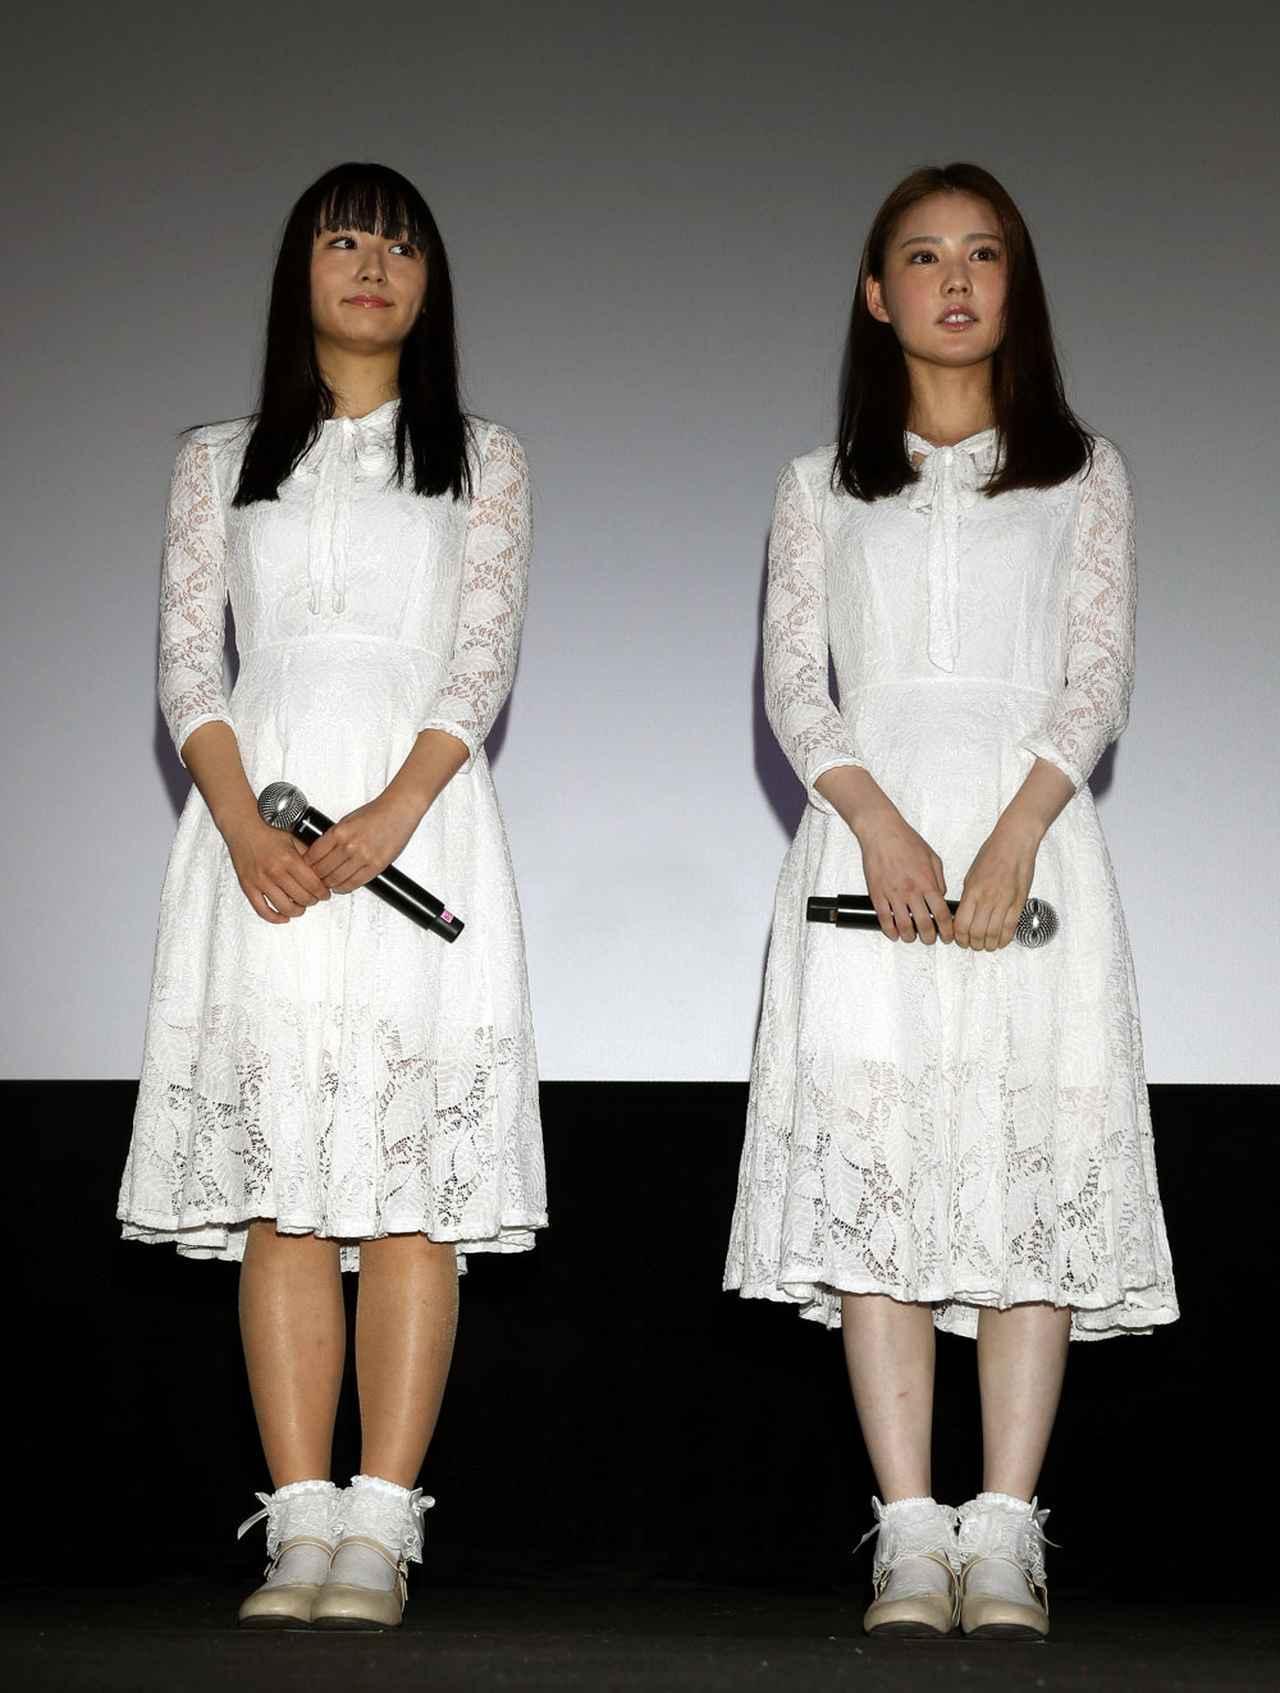 画像2: 浅川梨奈、北香那/映画「黒い乙女Q」公開記念、乙女が勢ぞろいの賑やかな舞台挨拶が開催。一番の恐怖は「映画の製作スケジュールです」(浅川)